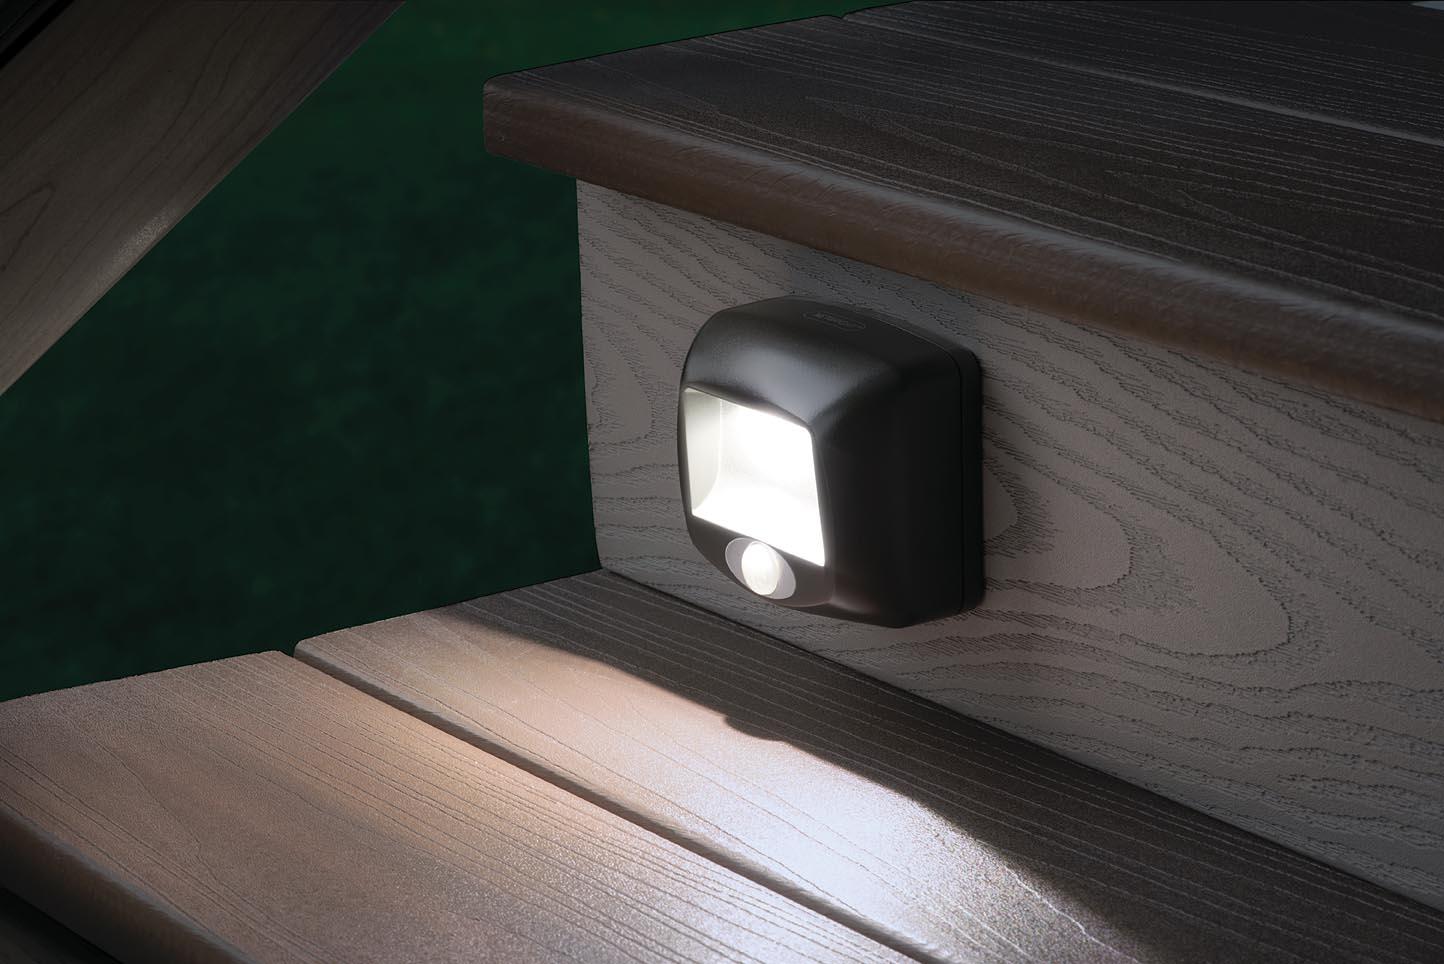 MR BEAMS NETBRIGHT MBN580 Have Sensorlampe - I Brug